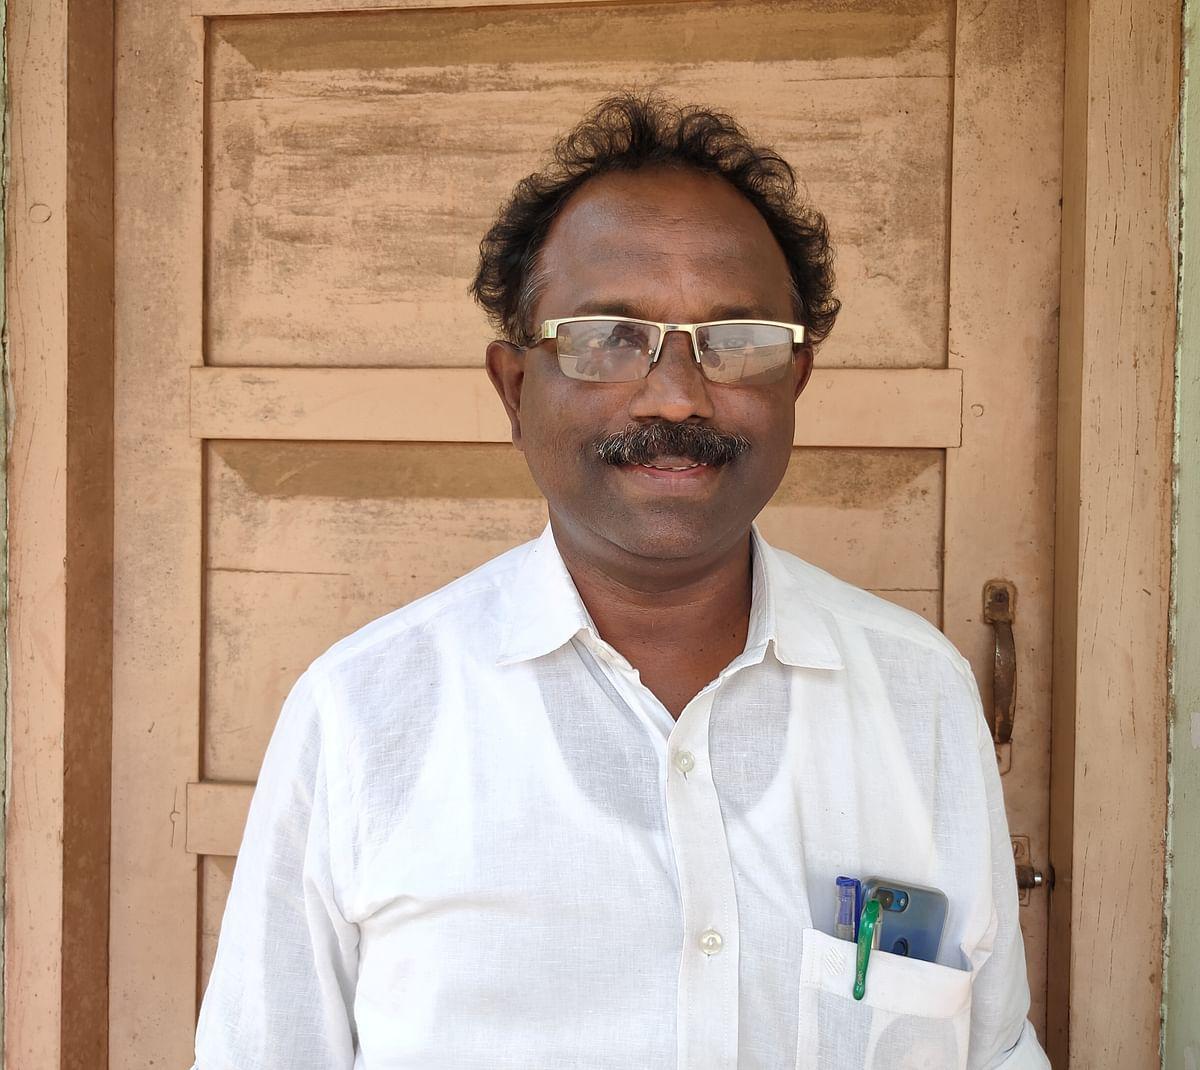 தி.மு.க-வில் இணையவிருக்கும் நாஞ்சில் டொமினிக்